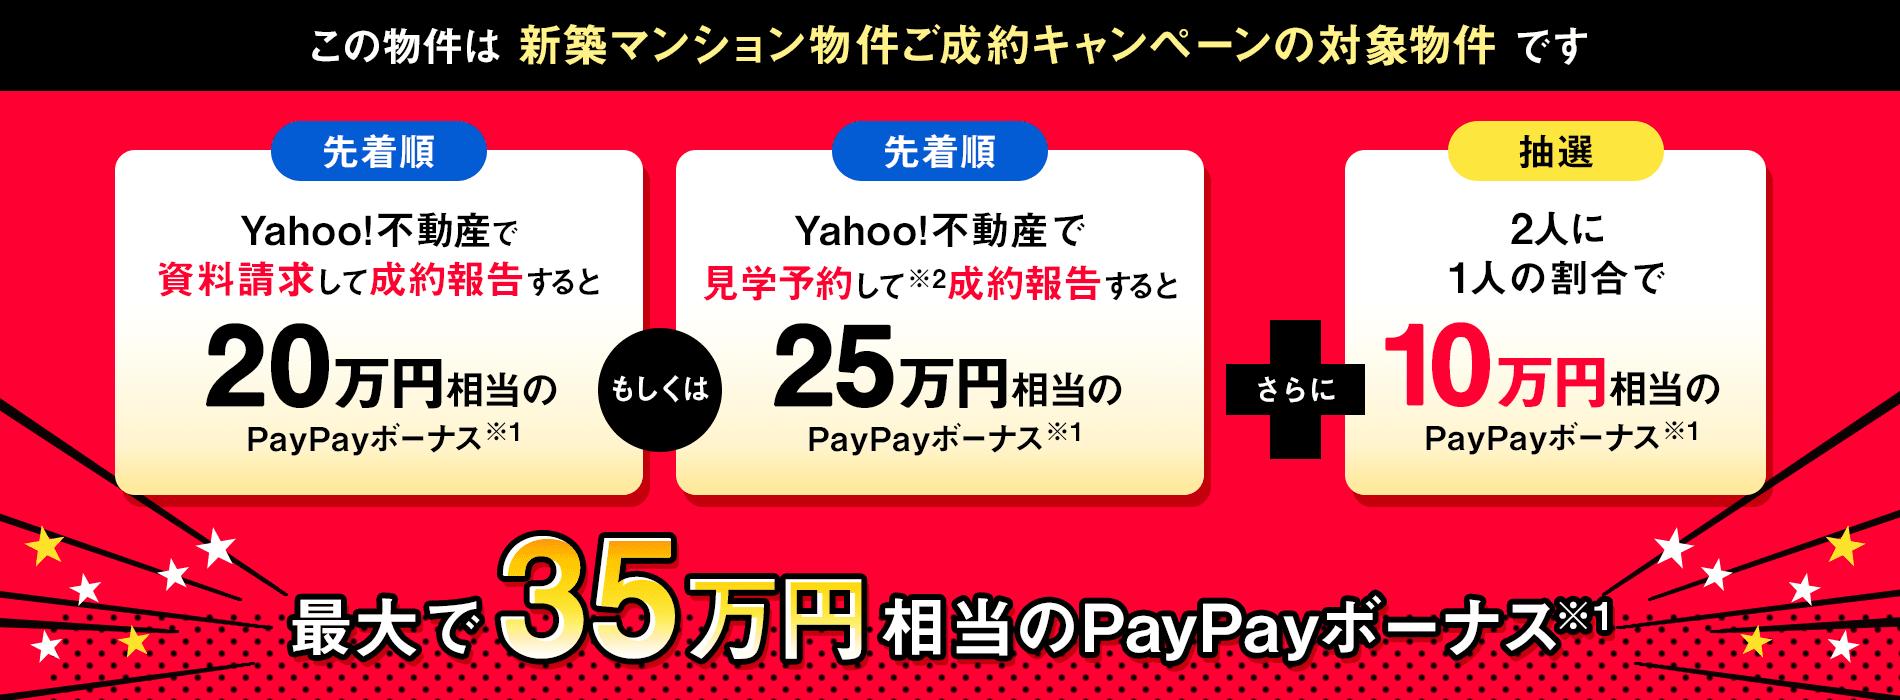 この物件は新築マンション物件ご成約キャンペーンの対象物件です。最大で35万円相当のPayPayボーナスライト